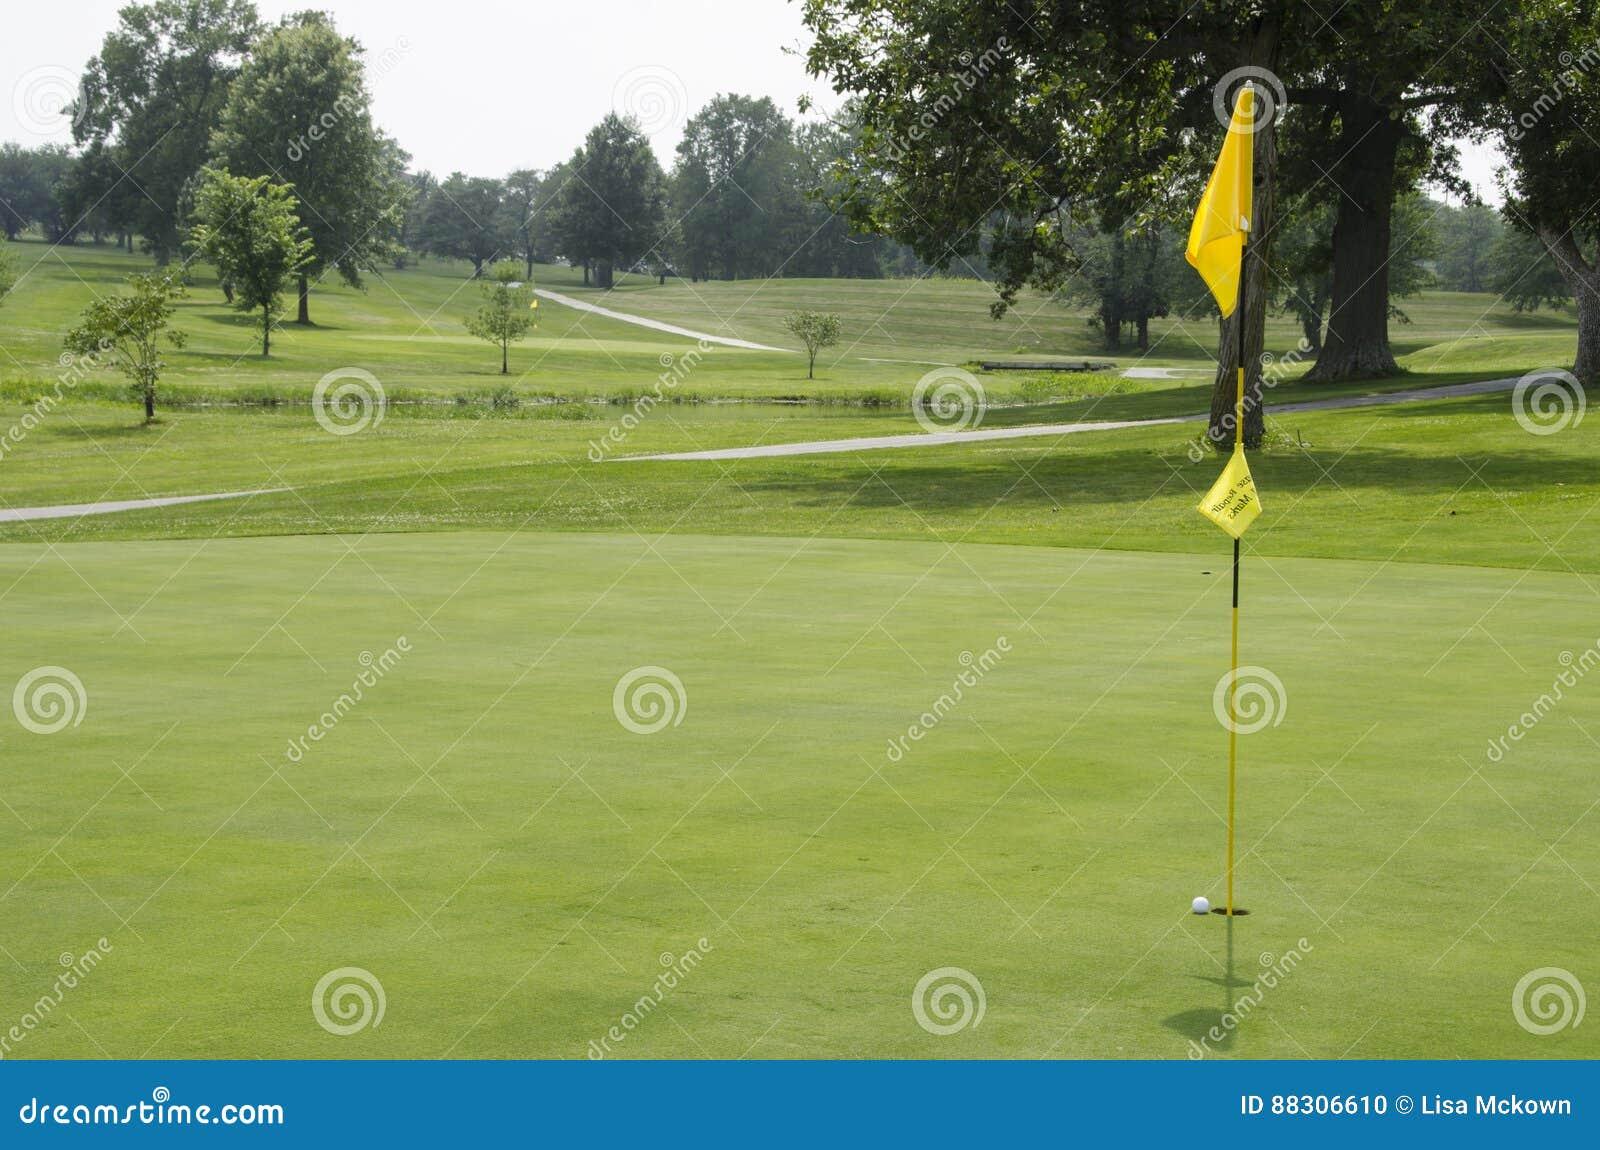 Tappeto erboso di golf fotografia stock immagine di erba for Tappeto erboso a rotoli prezzi